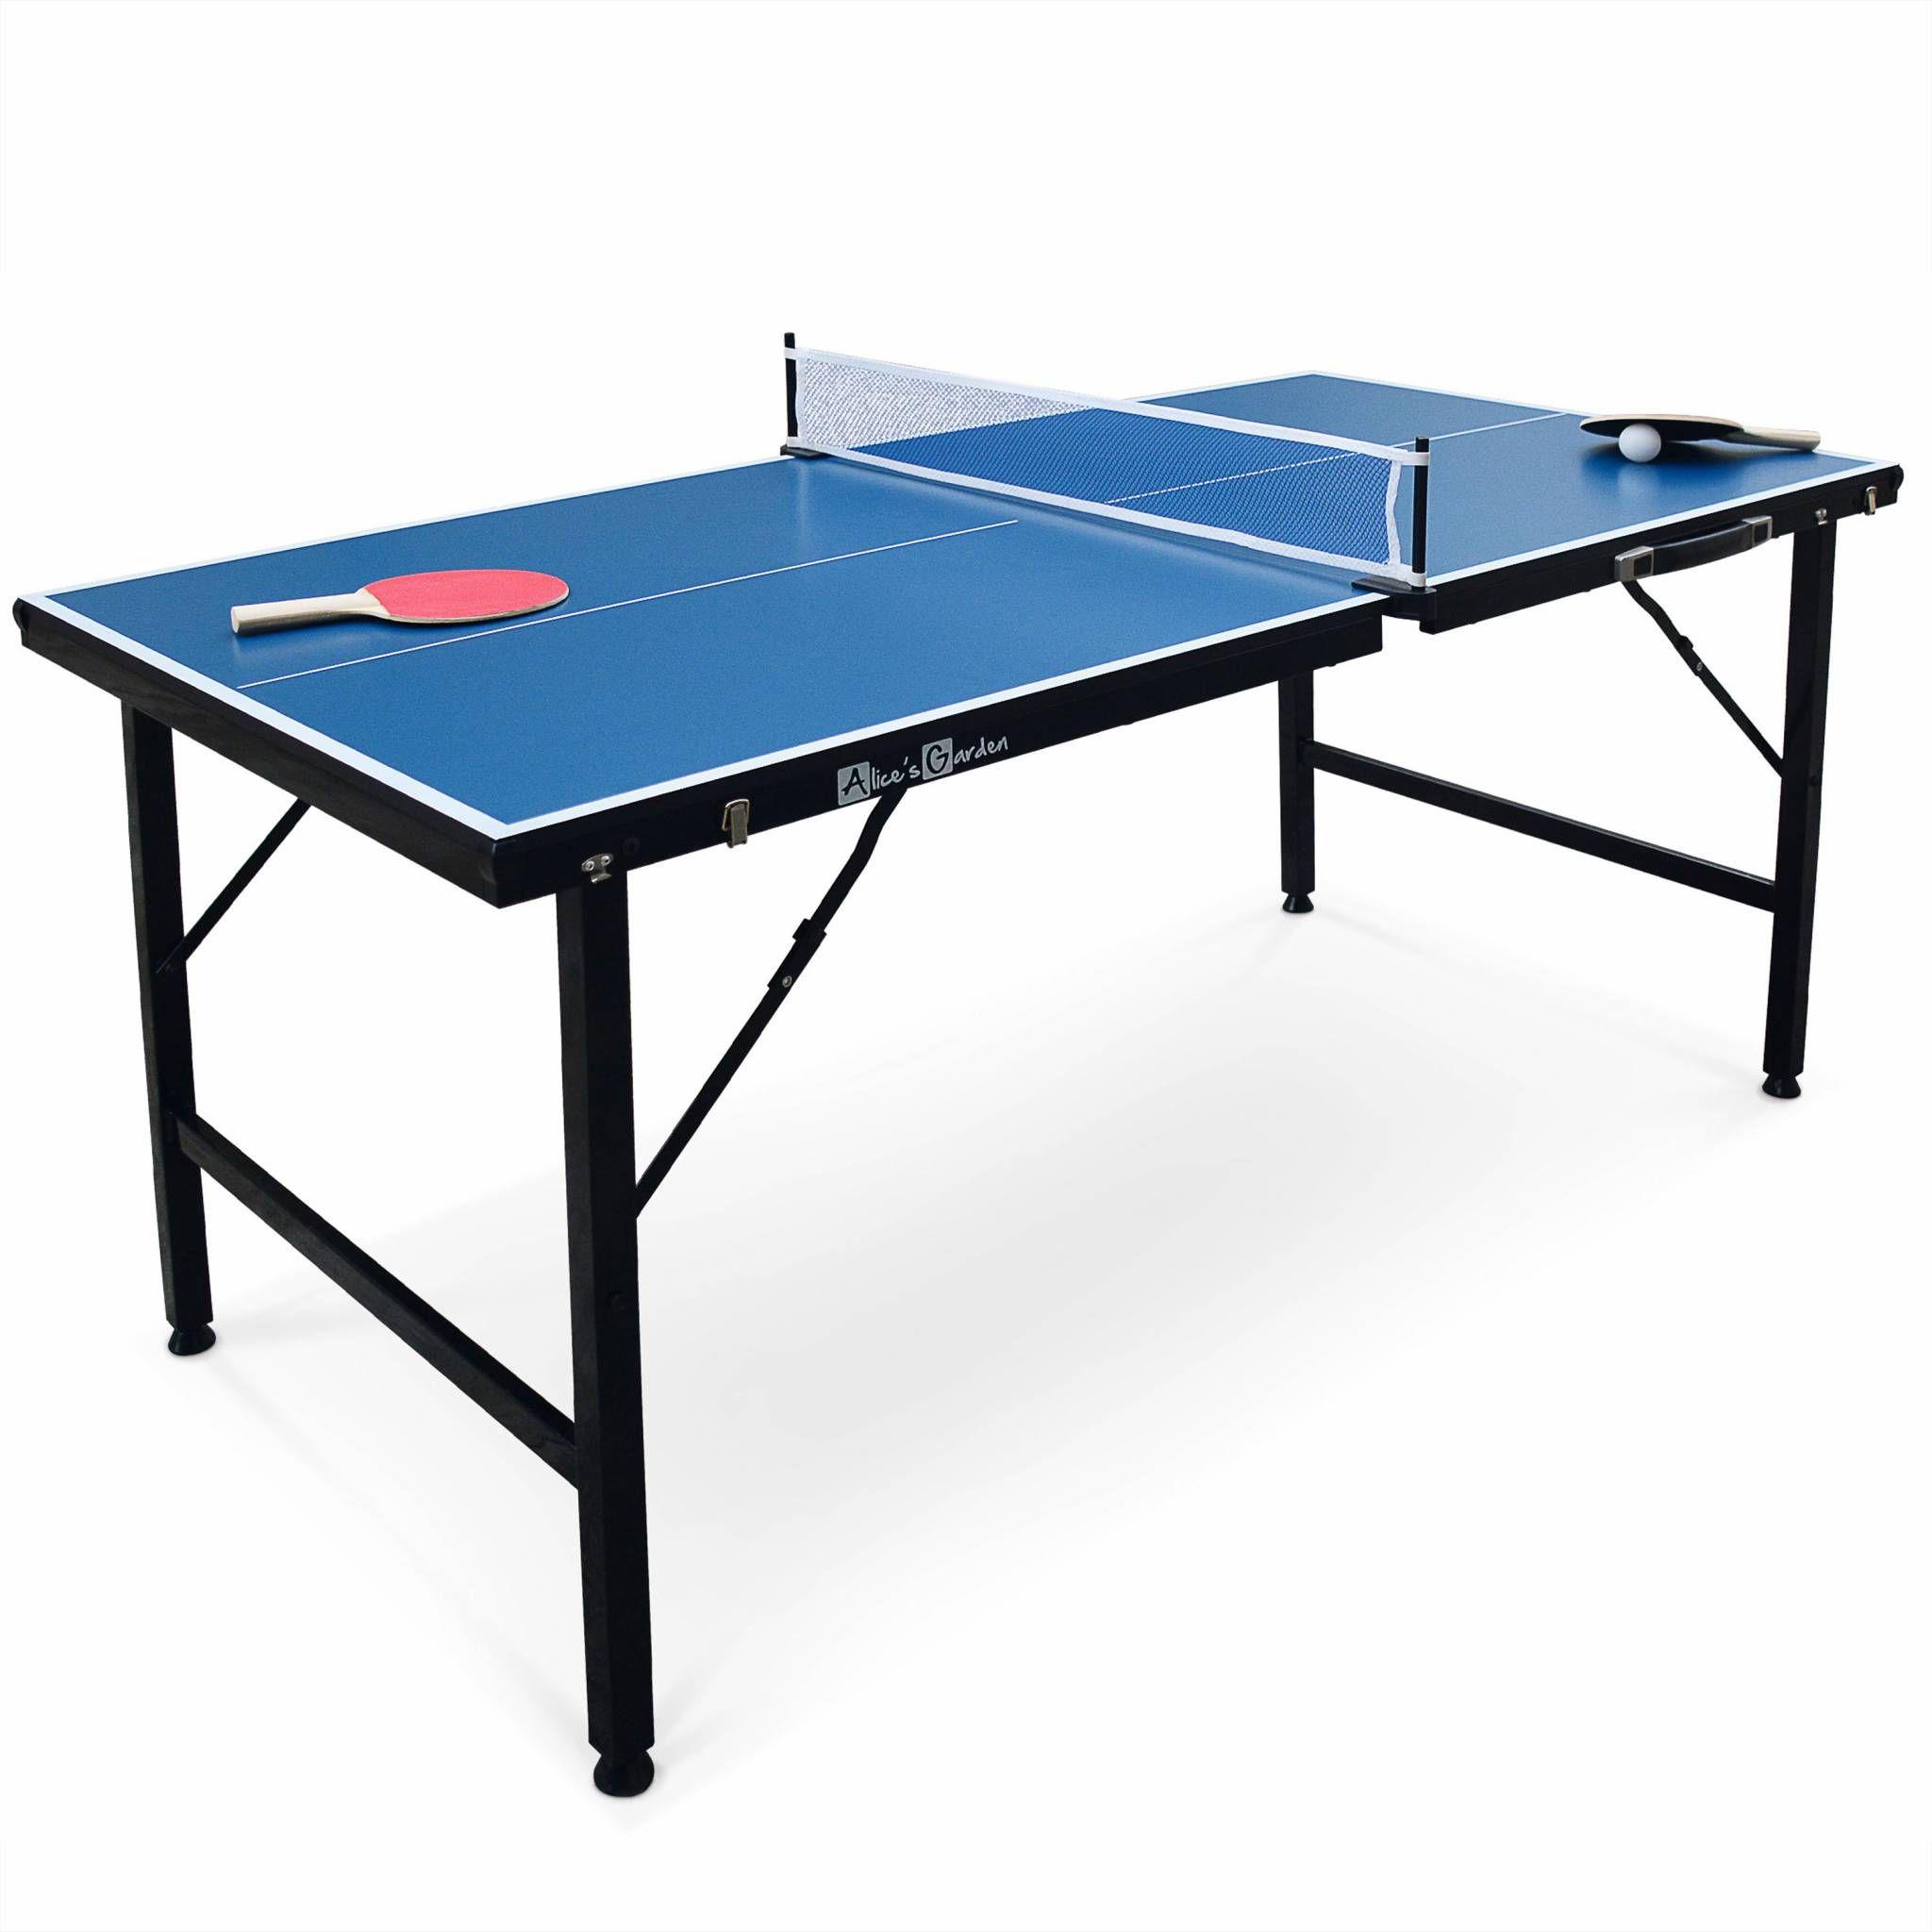 Mini table de ping pong pliable 150x75cm INDOOR bleue, avec 2 raquettes et 3 balles, pour utilisation intérieure, sport tennis de...